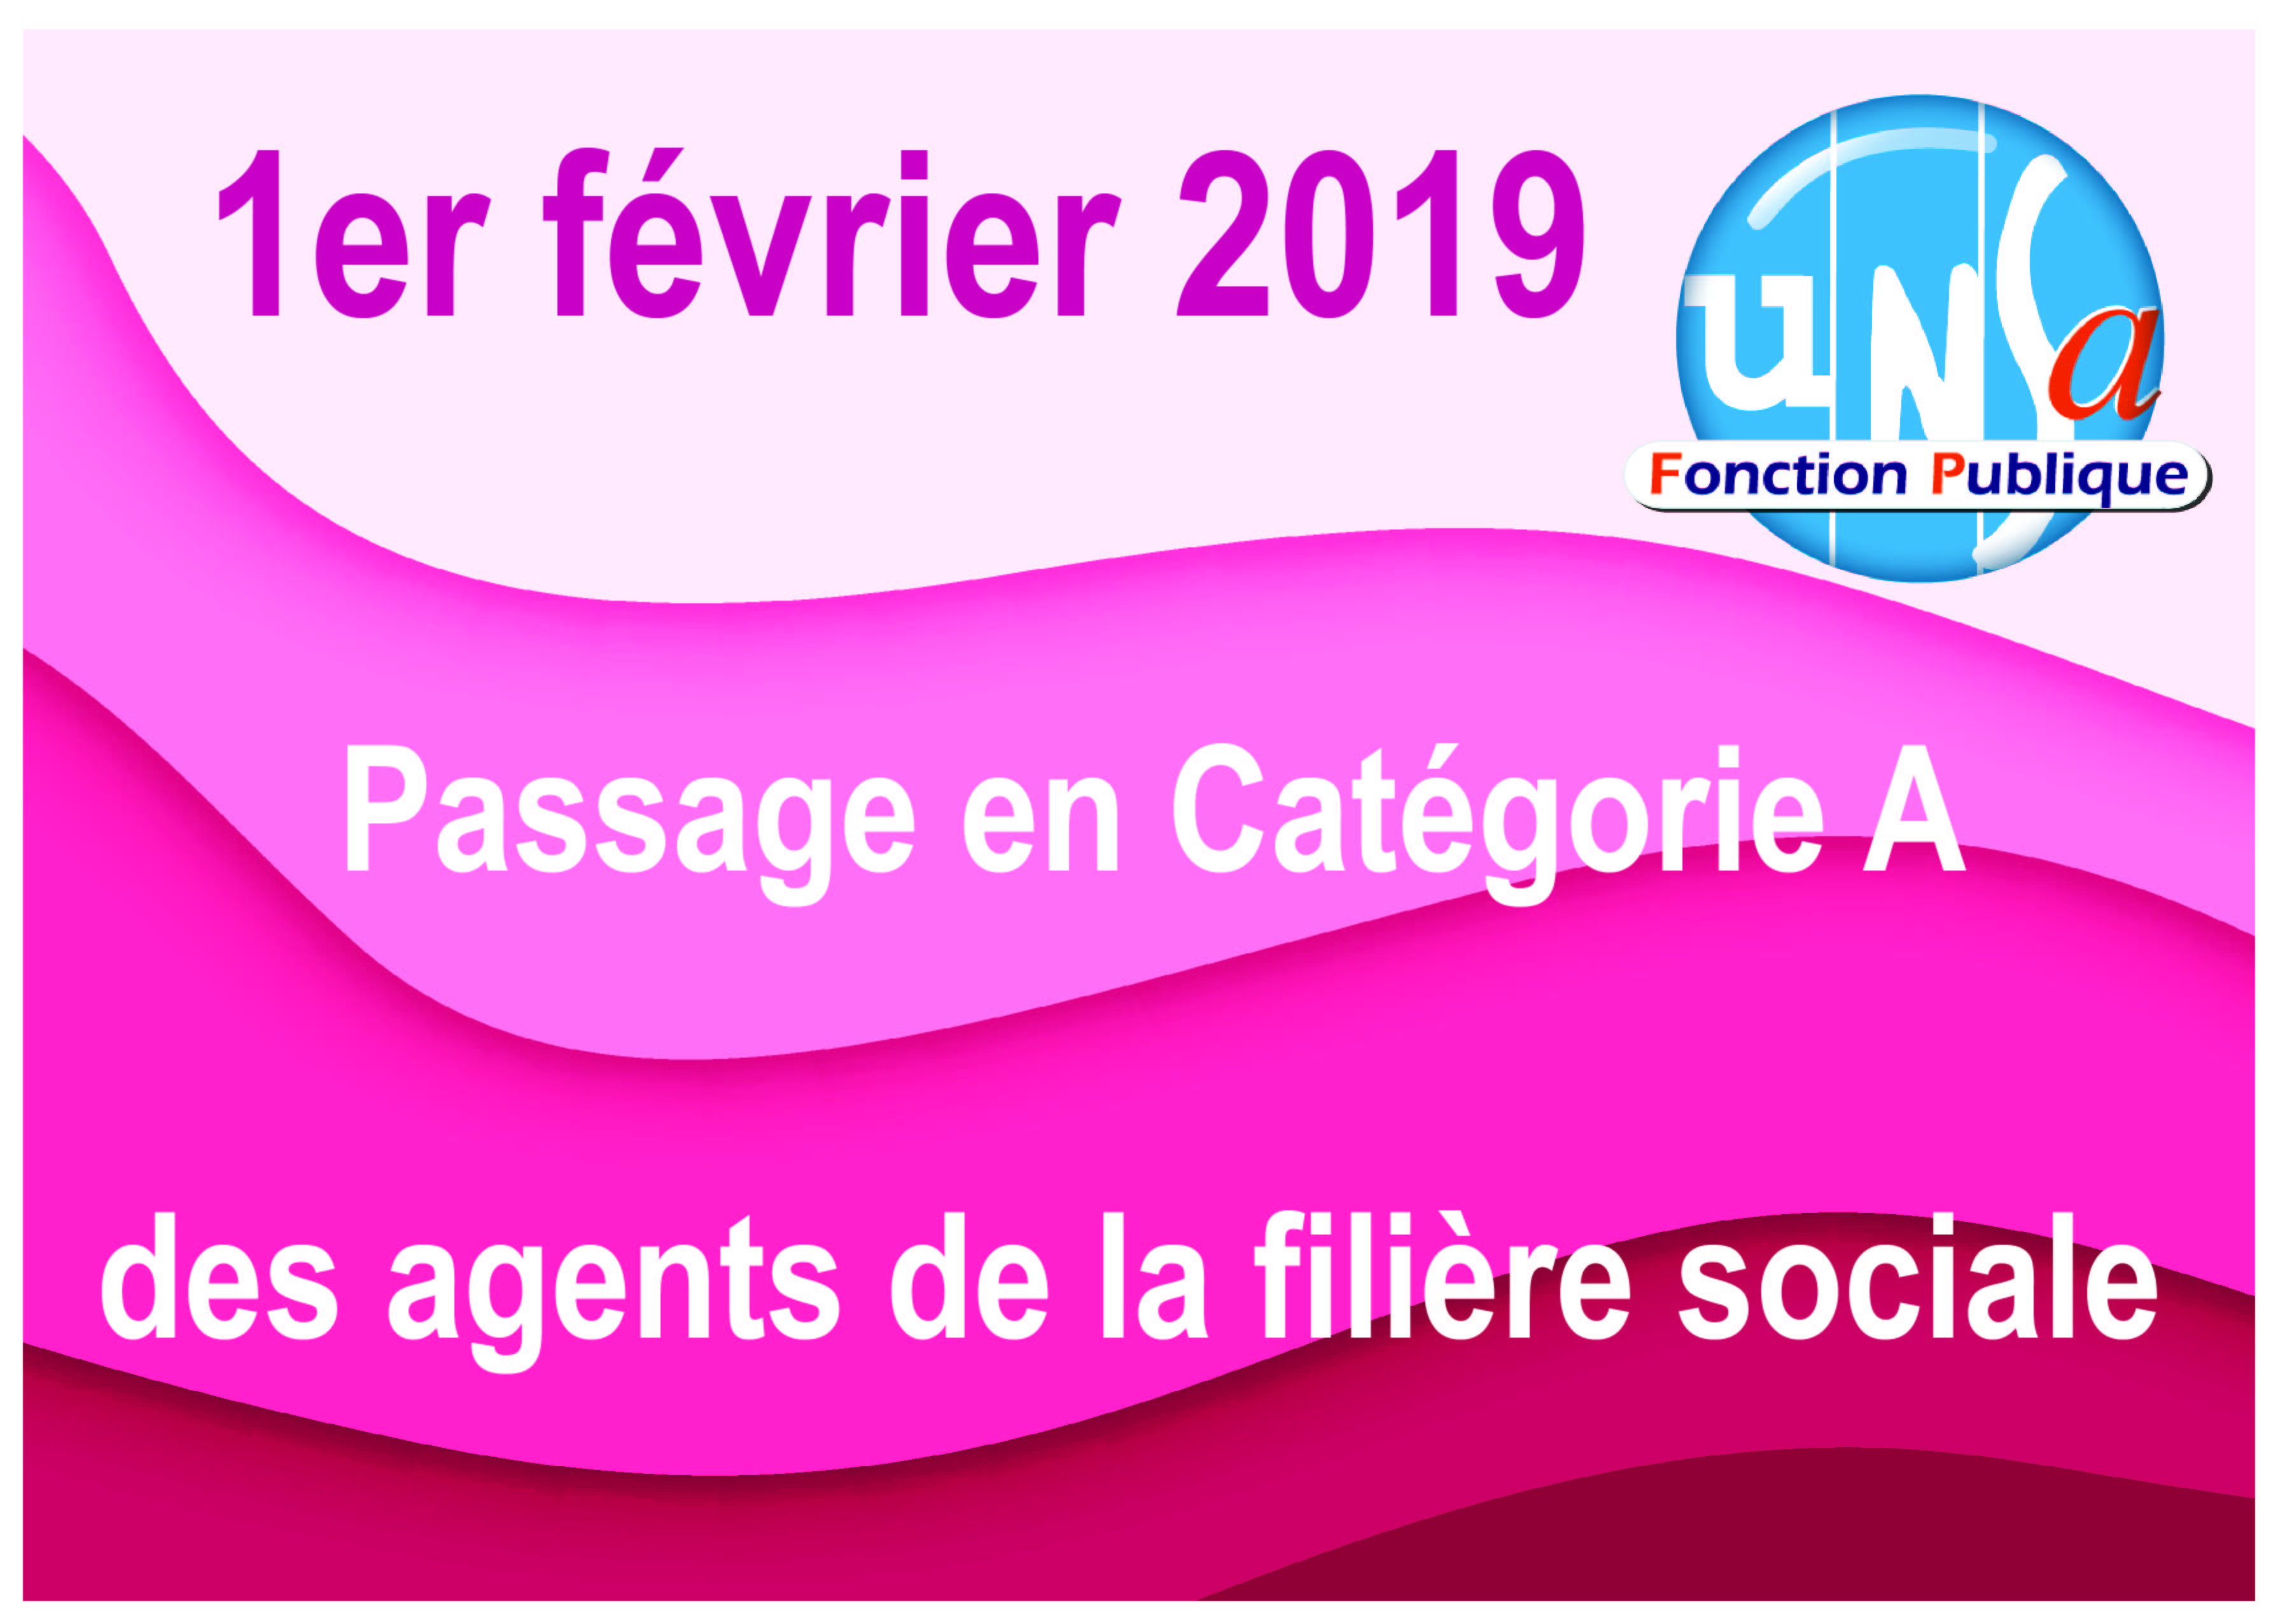 b2848b4f99d Filière sociale   Passage en catégorie A le 1er février 2019 ! - UNSA  Fonction publique